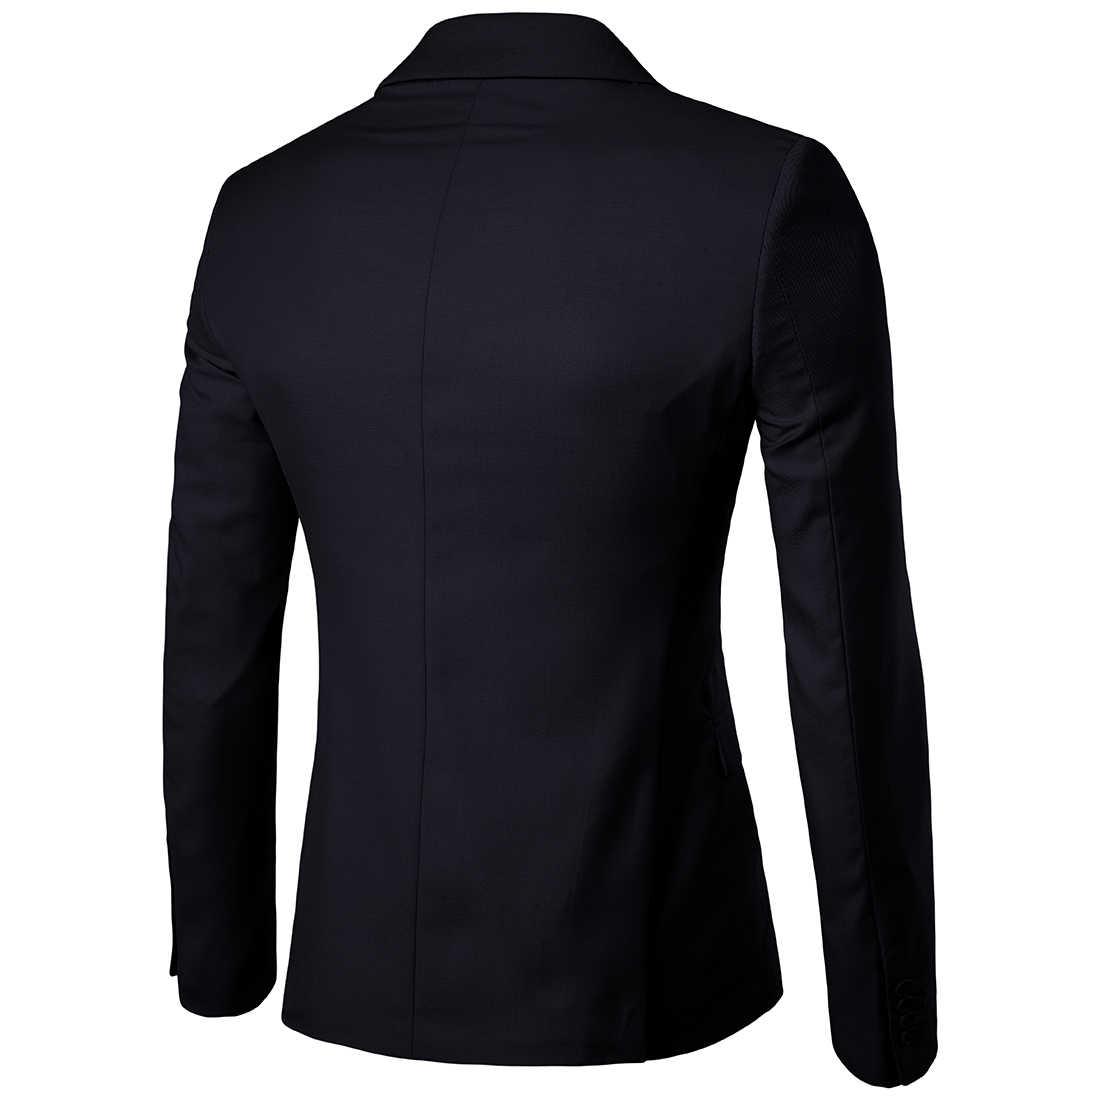 2019 Мужские приталенные модные блейзеры в Корейском стиле, мужской пиджак, повседневное пальто больших размеров, свадебное платье, черный морской синий винно-красный костюм, пальто для мужчин